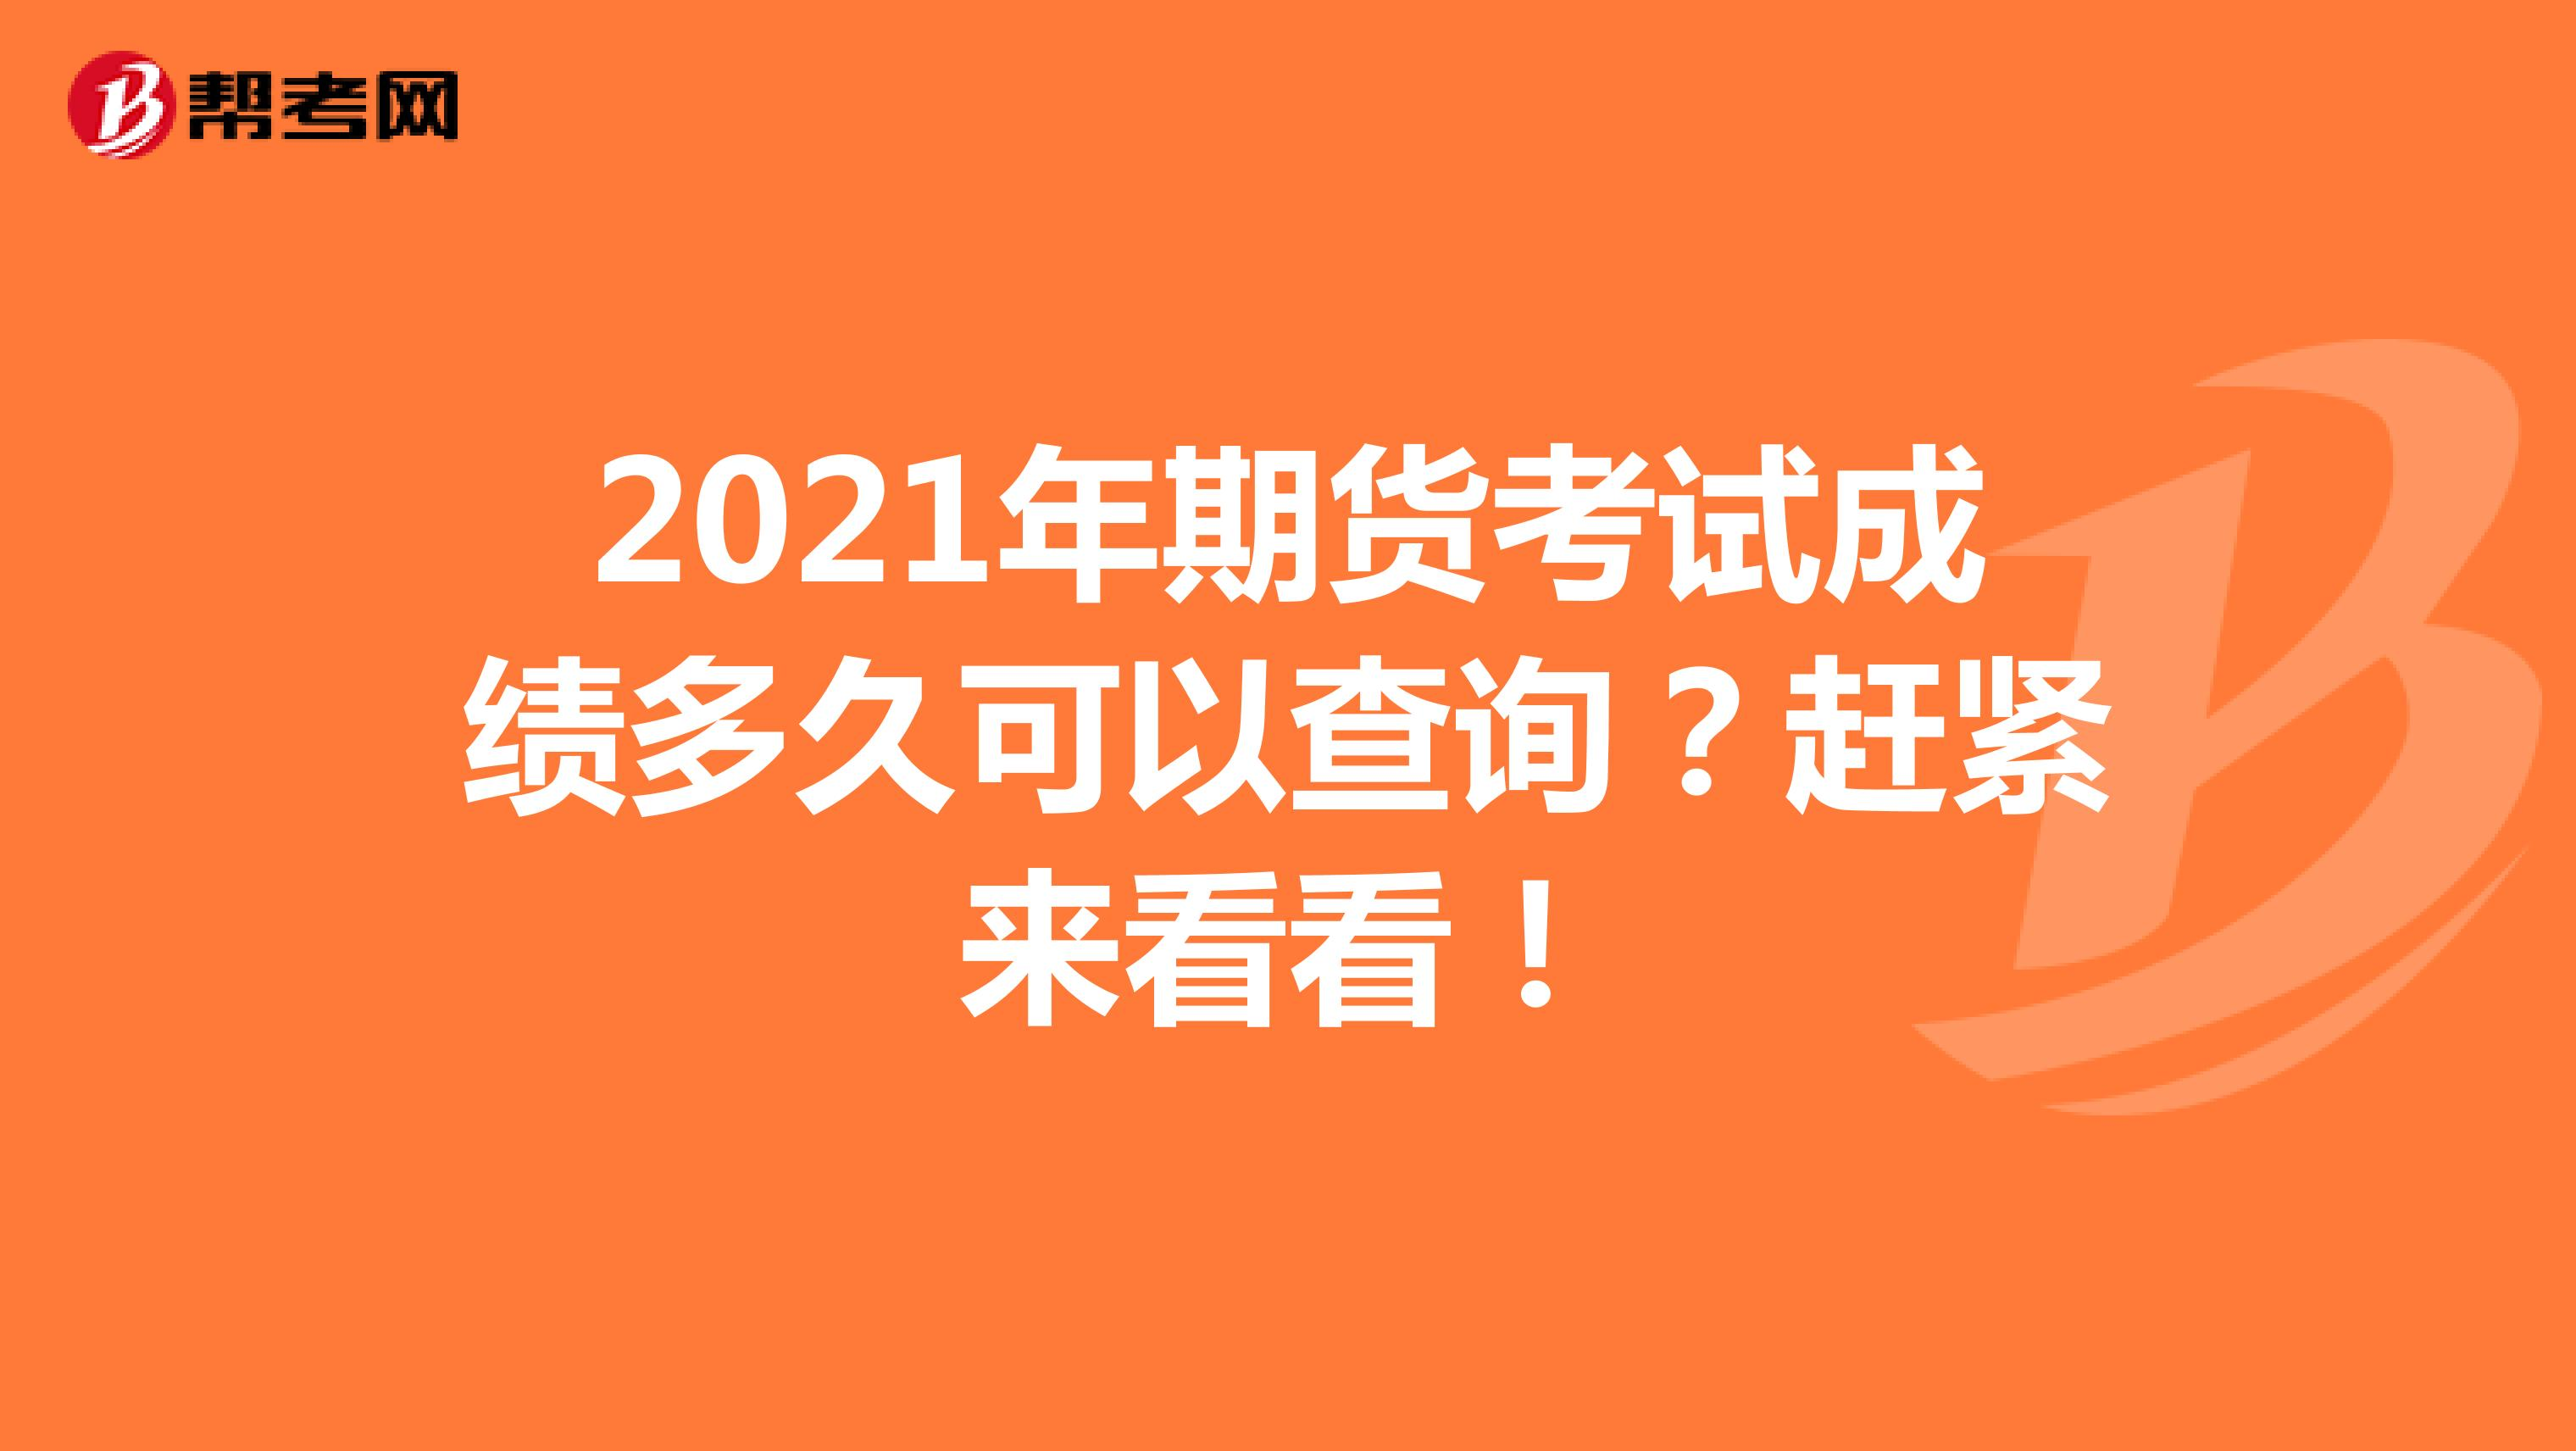 2021年期货考试成绩多久可以查询?赶紧来看看!